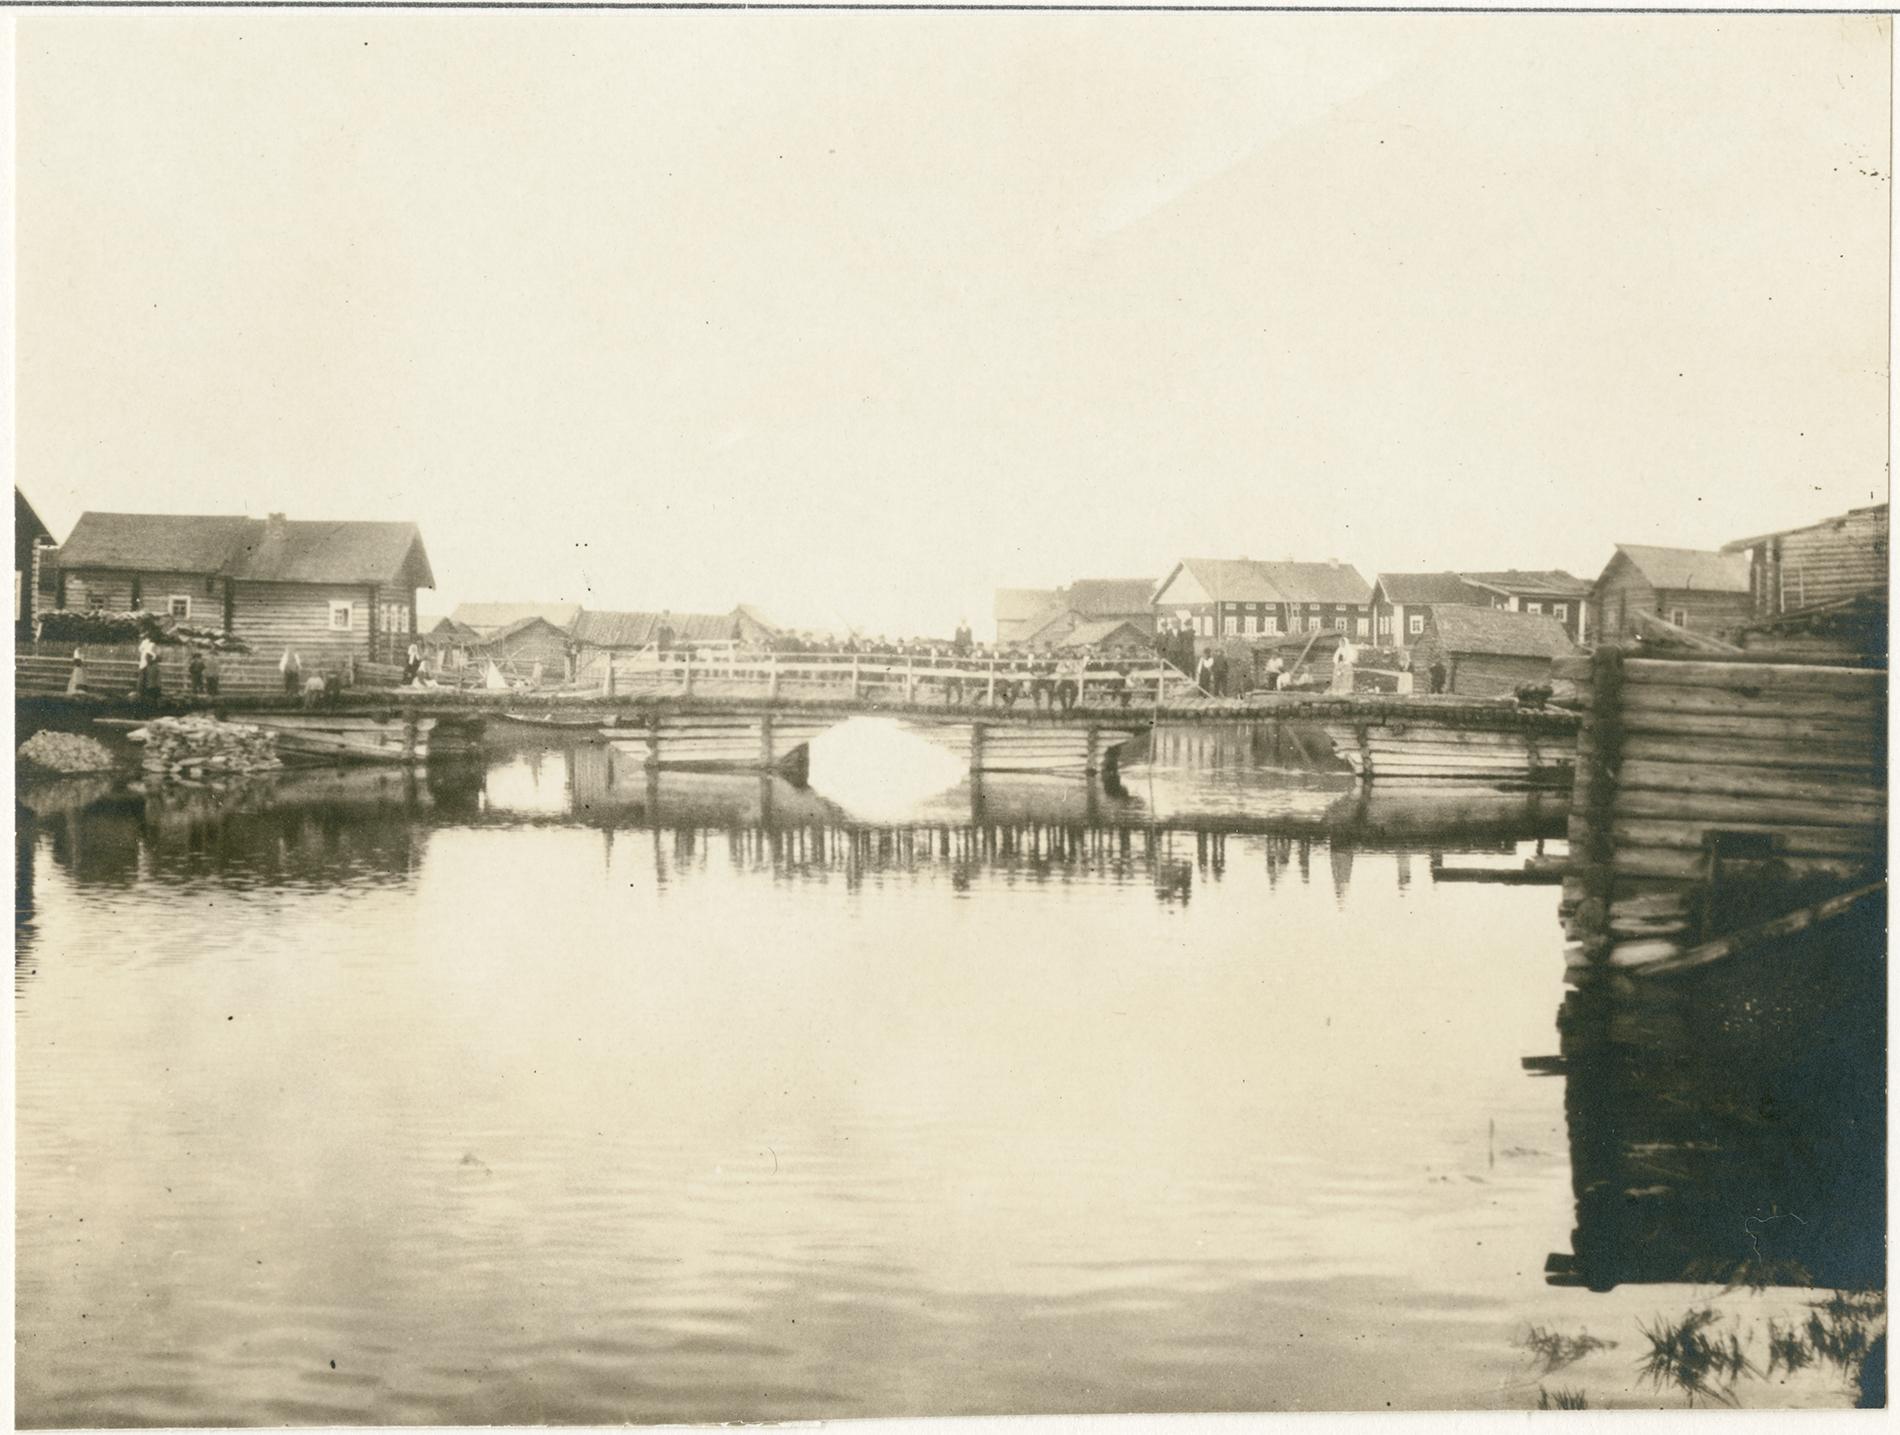 Lamminpohjan miehet sillalla pyhäiltana. Kuvattu Uhtuan Lamminpohjassa 1915. SKS KRA. Kuvaaja: A.O. Väisänen.